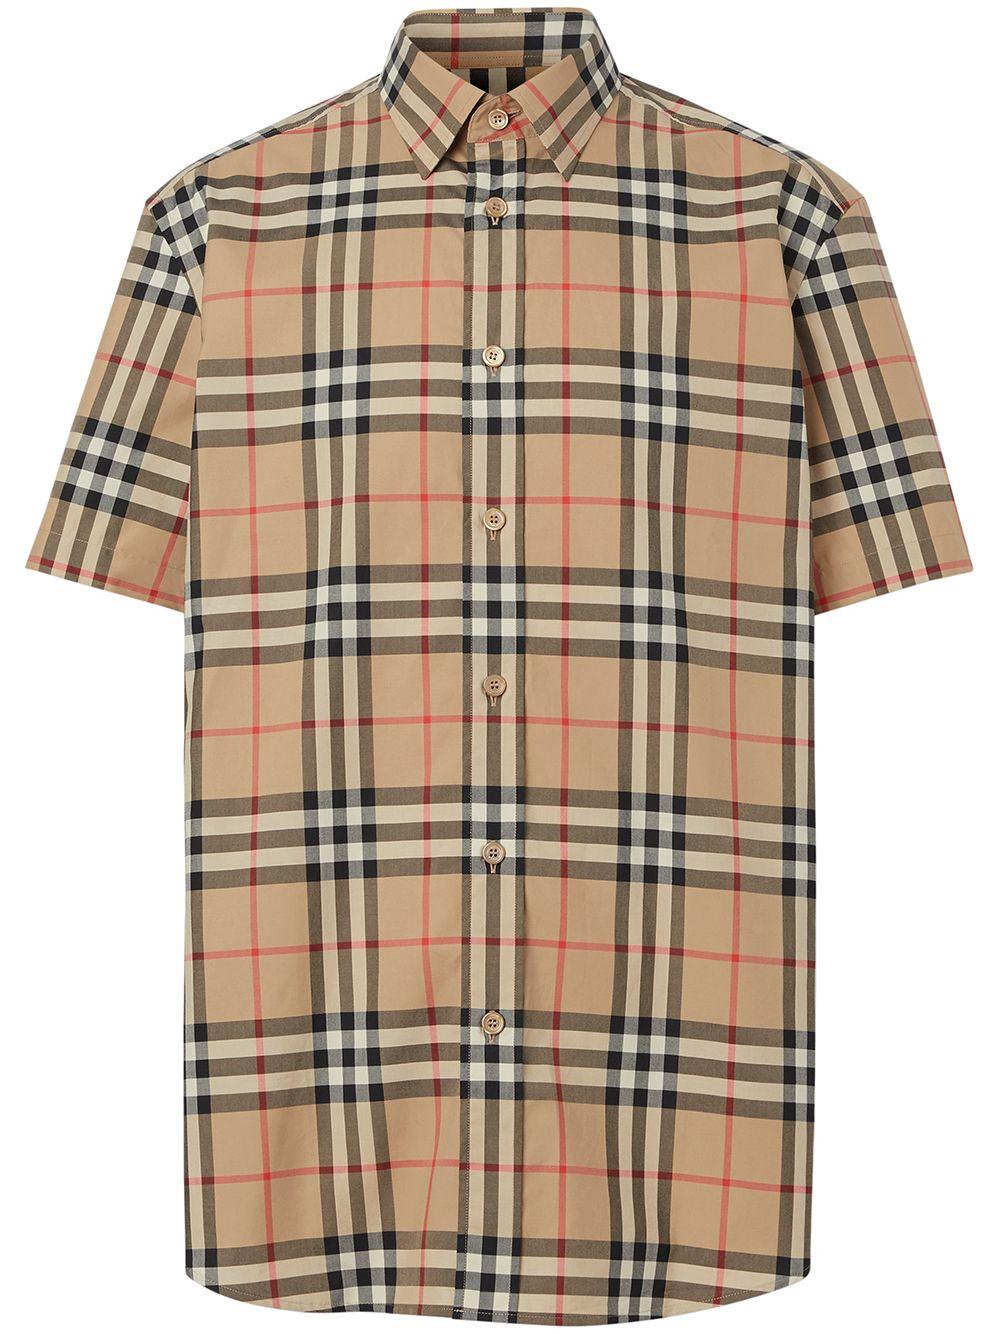 camicia a maniche corte Vintage Check in cotone beige BURBERRY | Camicie | 8020869-CAXTONA7028